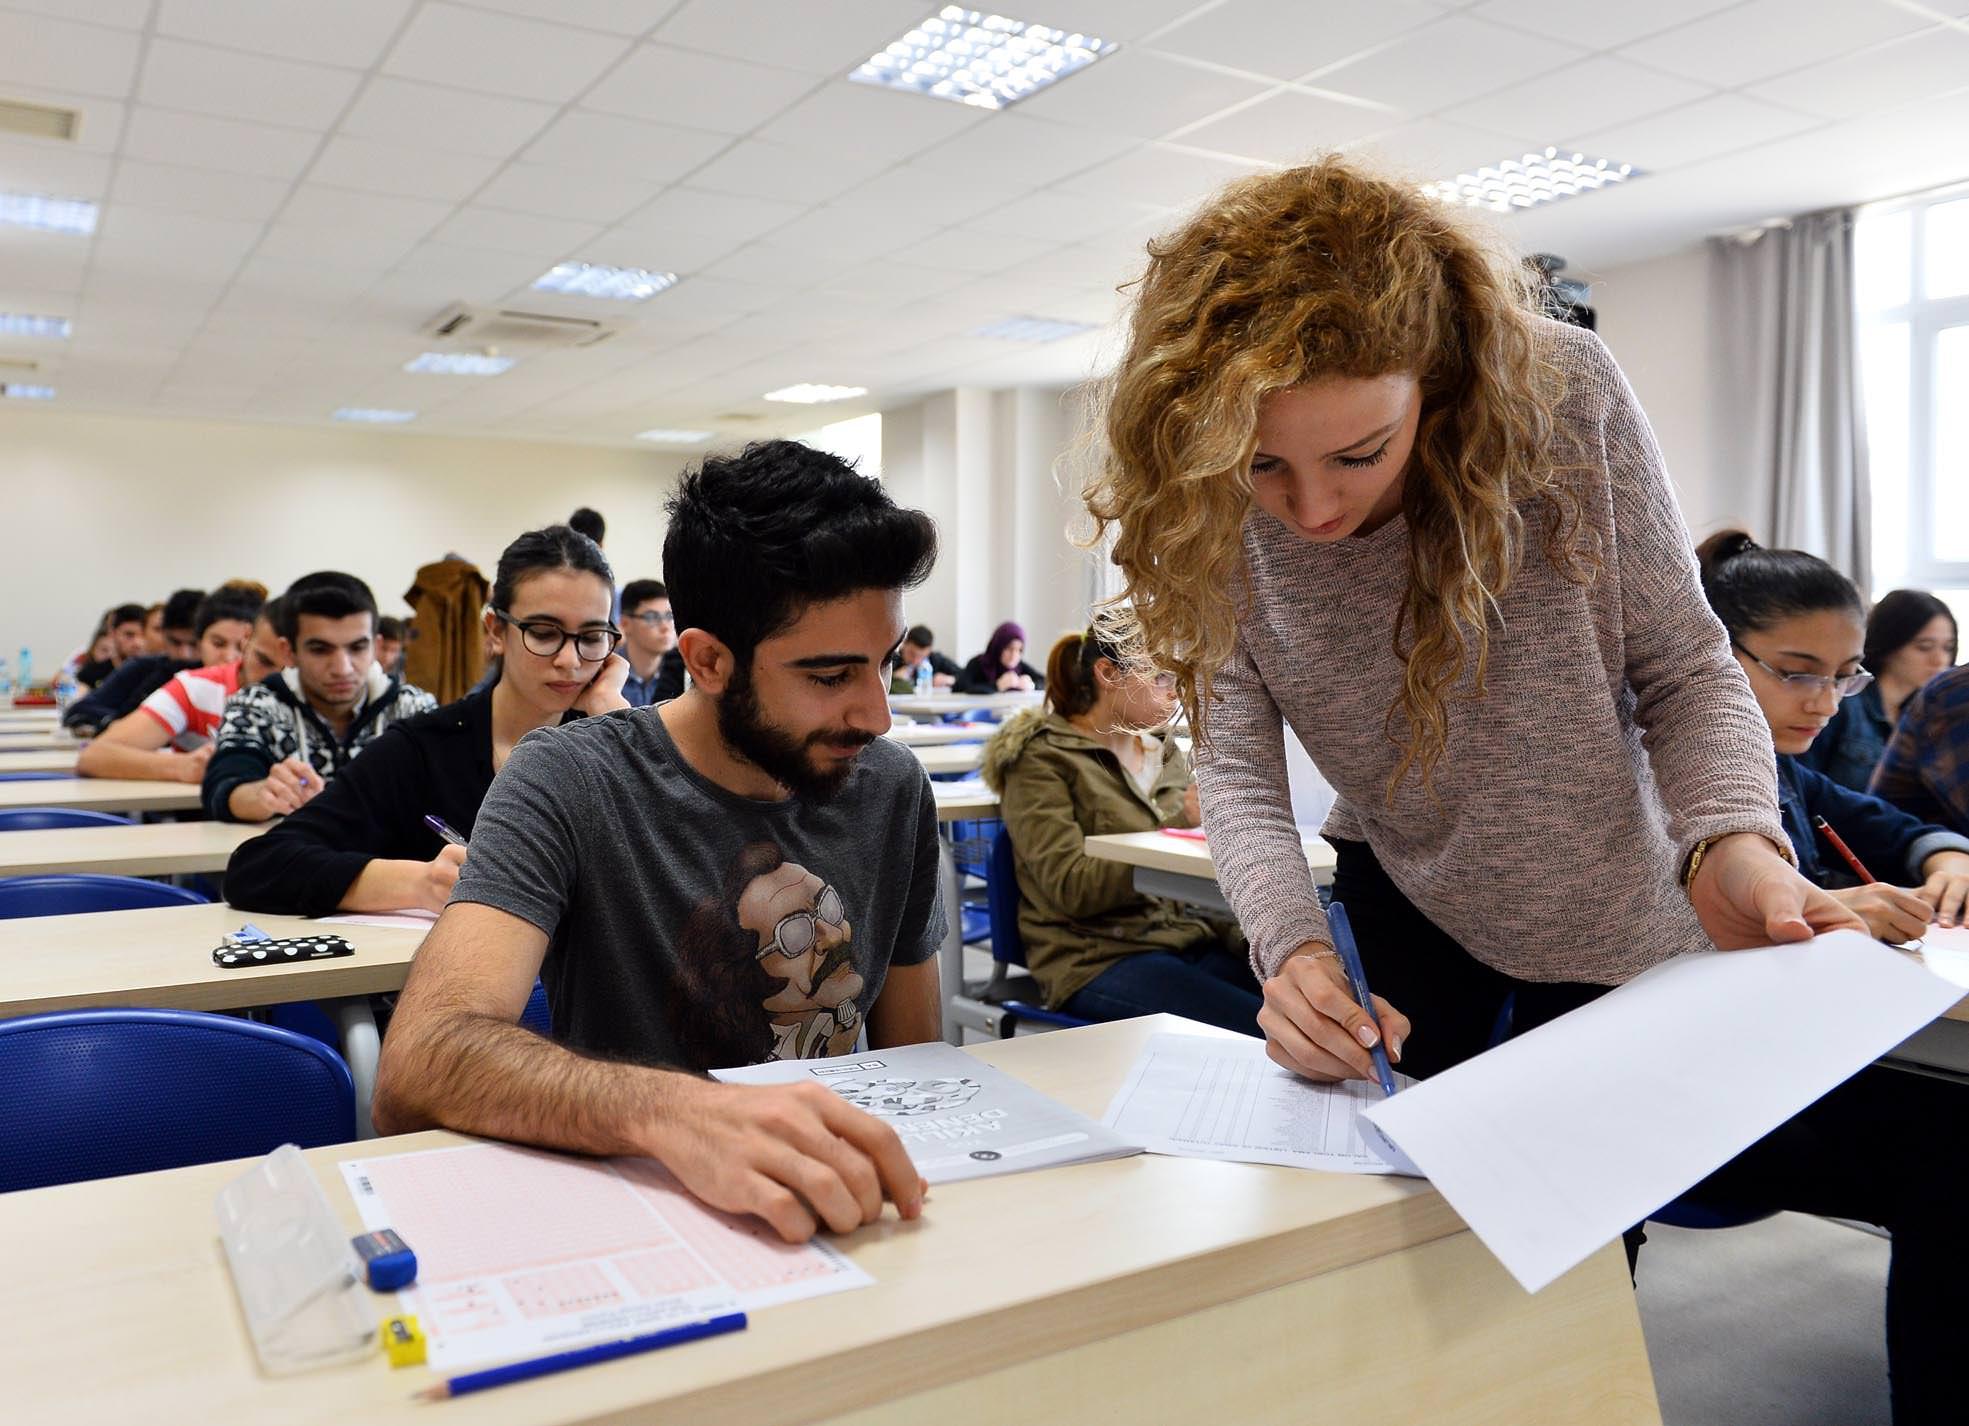 Üniversiteye girişte önerilen model eğitimdeki sorunları büyütme riski taşımaktadır